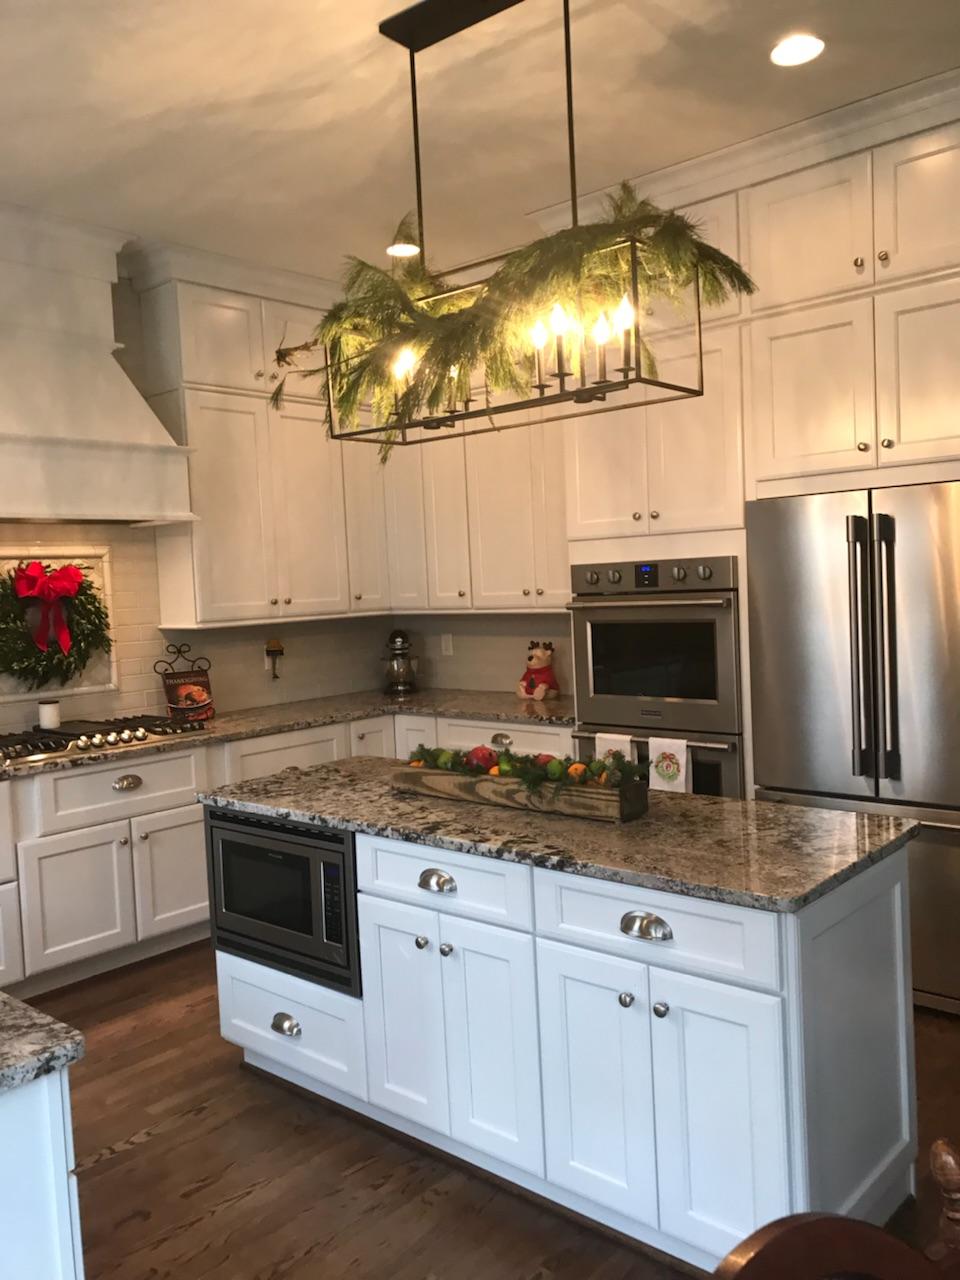 Oliver remodel kitchen 1